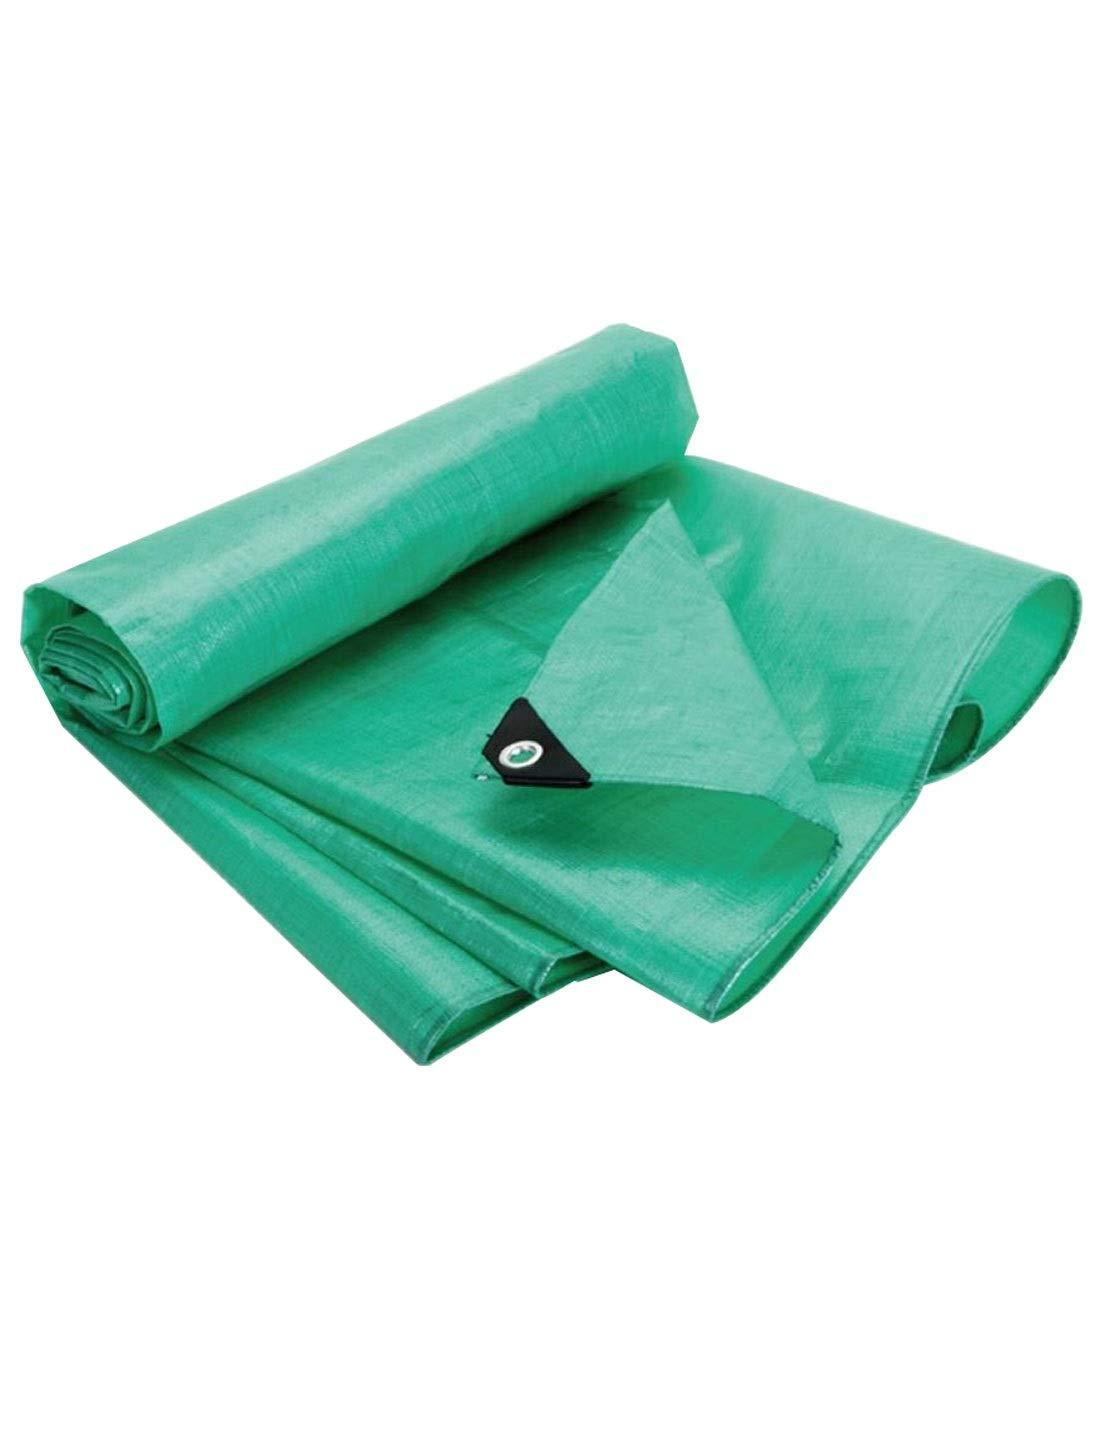 超格安一点 大型防水シート防水サンシェード両面防水層防風トラックカバー防雨日焼け止めカーゴ布pvcキャンプ屋外旅行 (サイズ さいず B07P73PRJX 5x6m さいず : 5x6m) 5x6m B07P73PRJX, ヘアケア化粧品の専門店 スウェル:b7c00644 --- ciadaterra.com